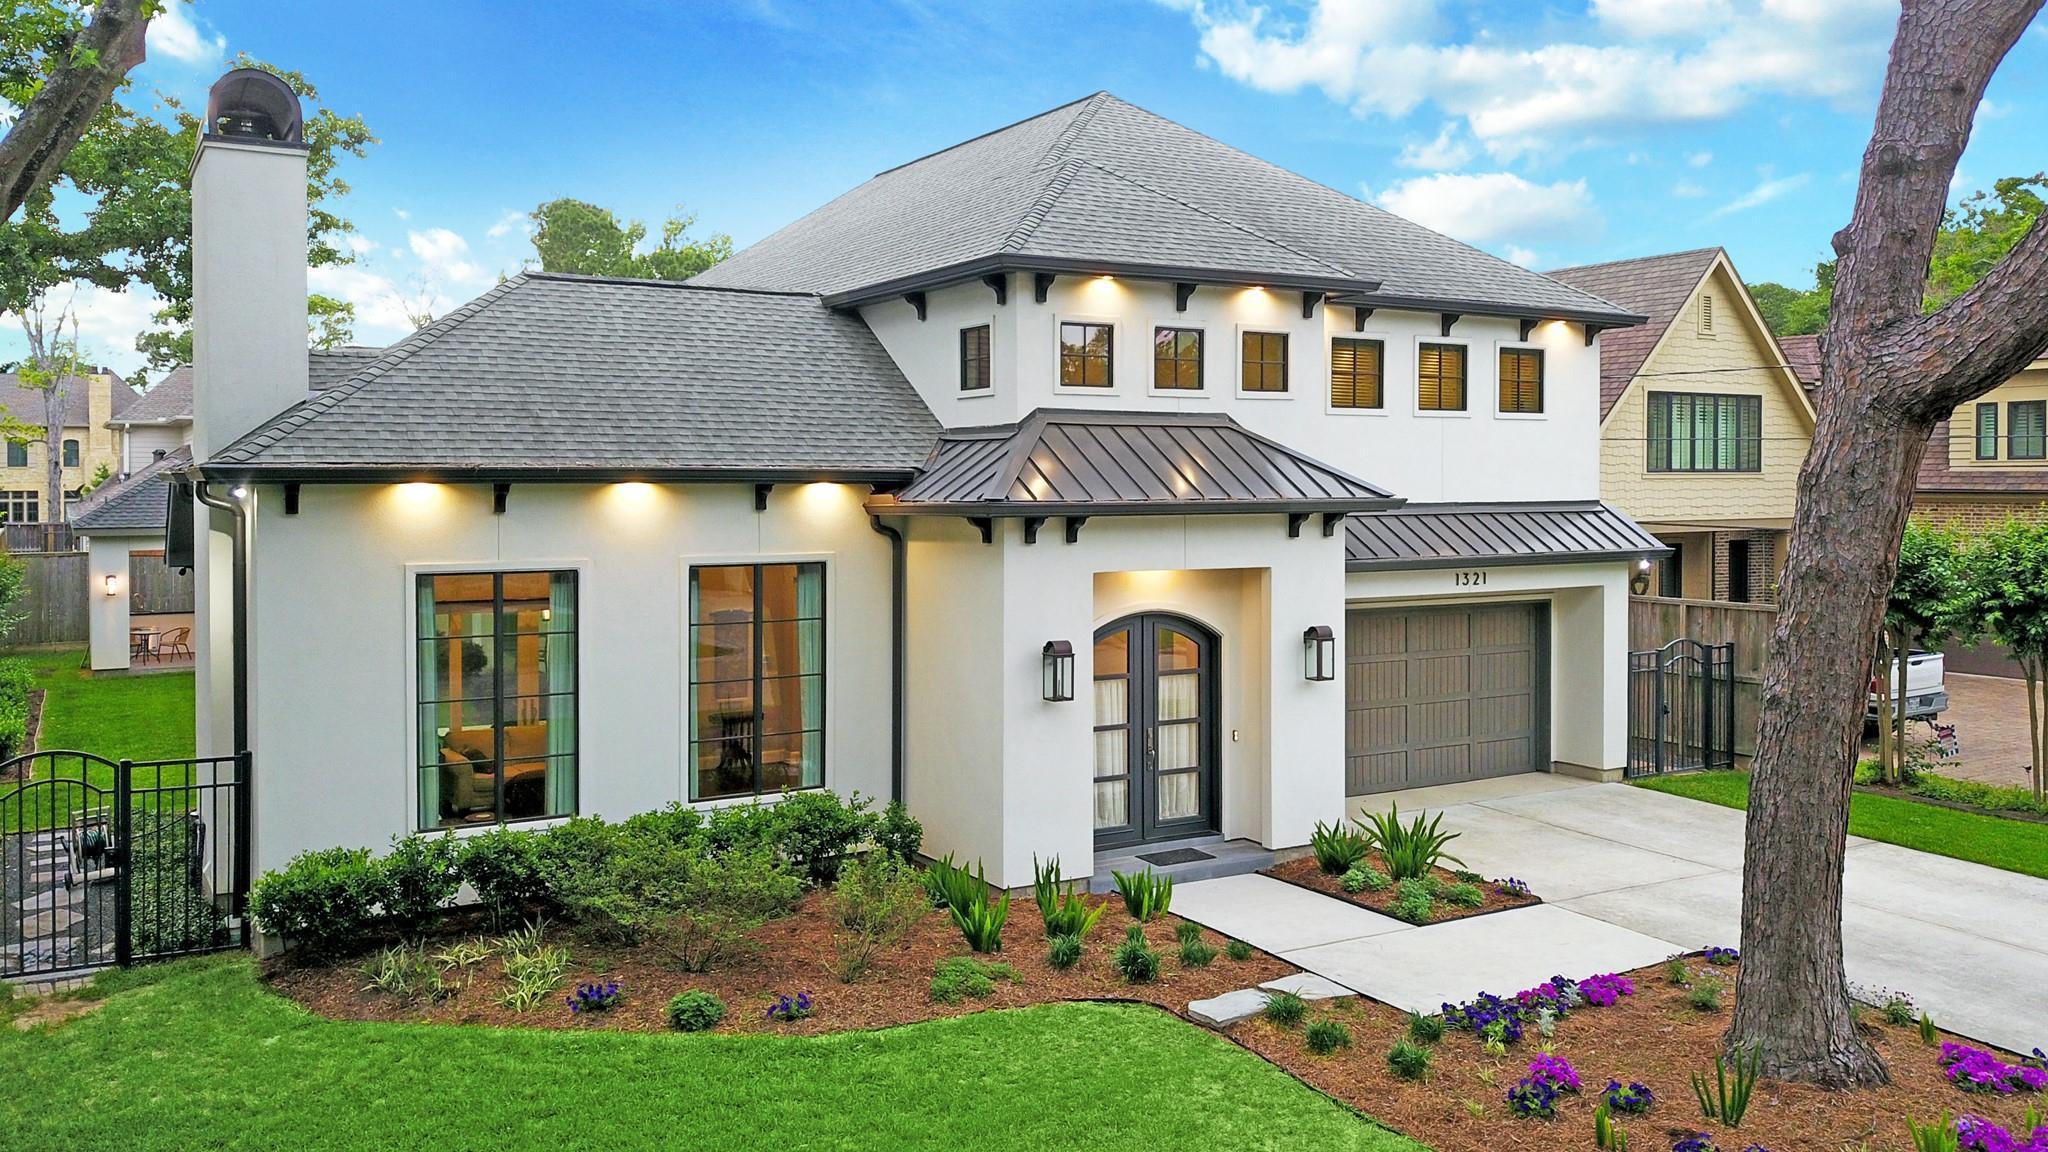 1321 Modiste Property Photo